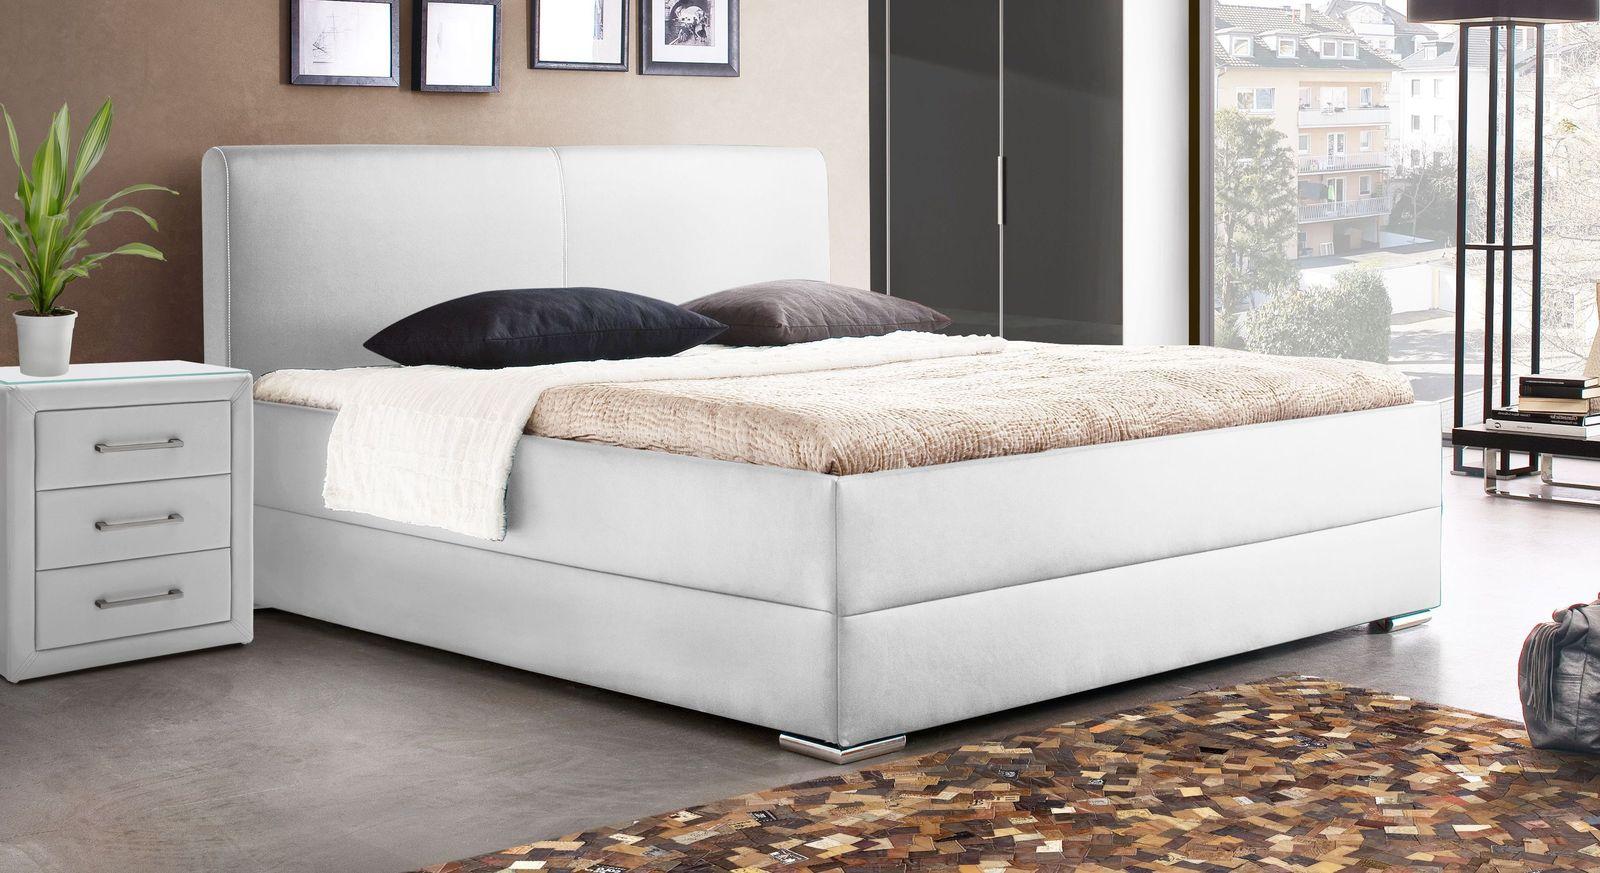 Bett Nulato aus weißem Kunstleder